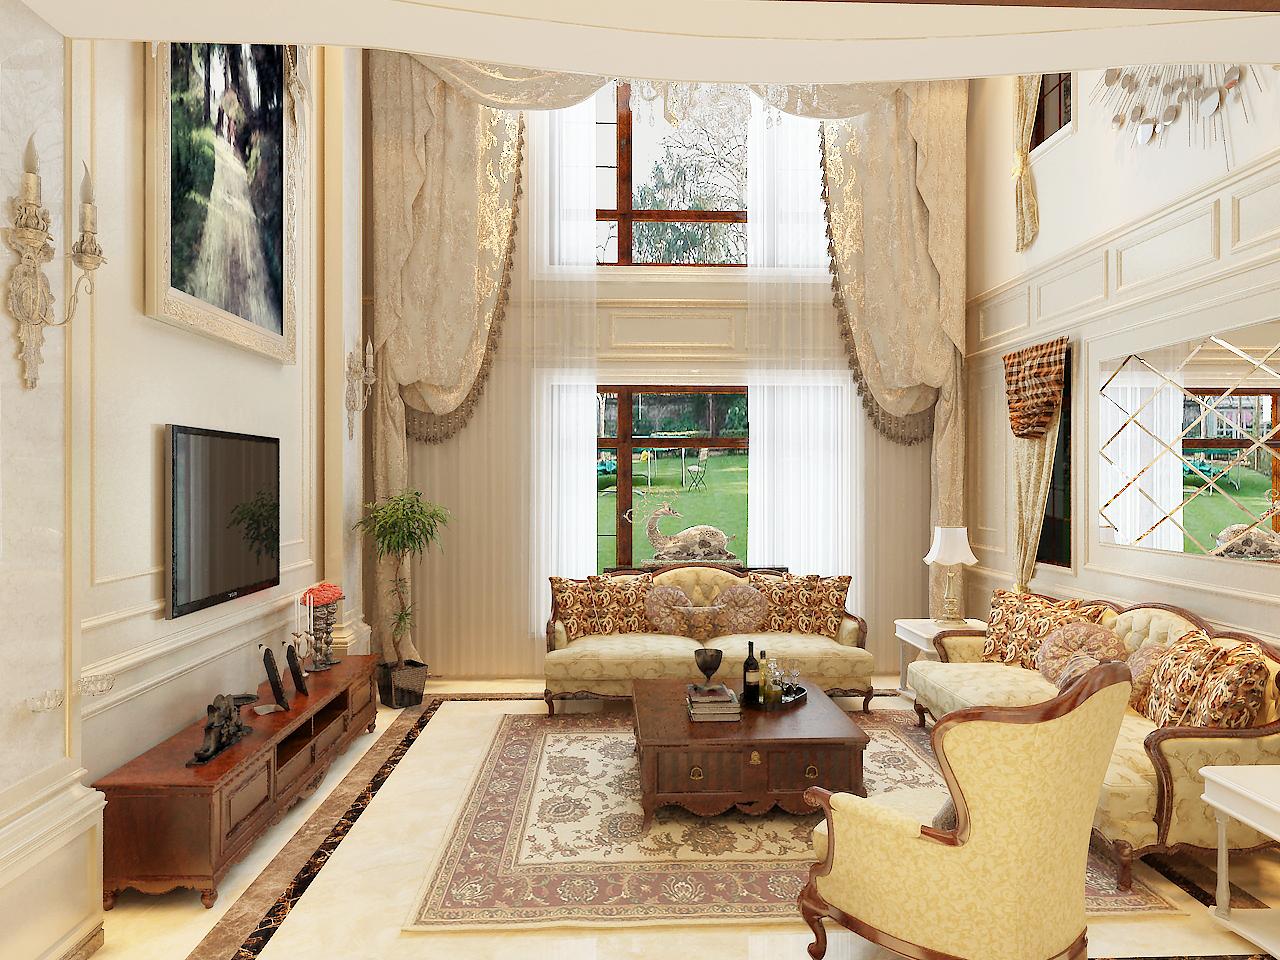 因为是别墅在客厅有一个很大的挑空空间,这个空间首先给客厅提供了足够的空间和采光。为契合户主对装修的要求,在整个客厅的设计上采取了简洁大气的石材造型,再加以简洁的线条使之不单调。地面铺贴的是800*800的地砖,颜色温馨,在加以波导线与之地毯相呼应,使地面稳重下来,木色的电视柜,茶几。还有布木结合的沙发稳重了整个空间还不失温馨感。正是木质家具的使用给整个客厅空间添加了一抹自然的感觉。整体的沙发窗帘的配饰也和整体环境相呼应,尽显舒适温馨的感觉。